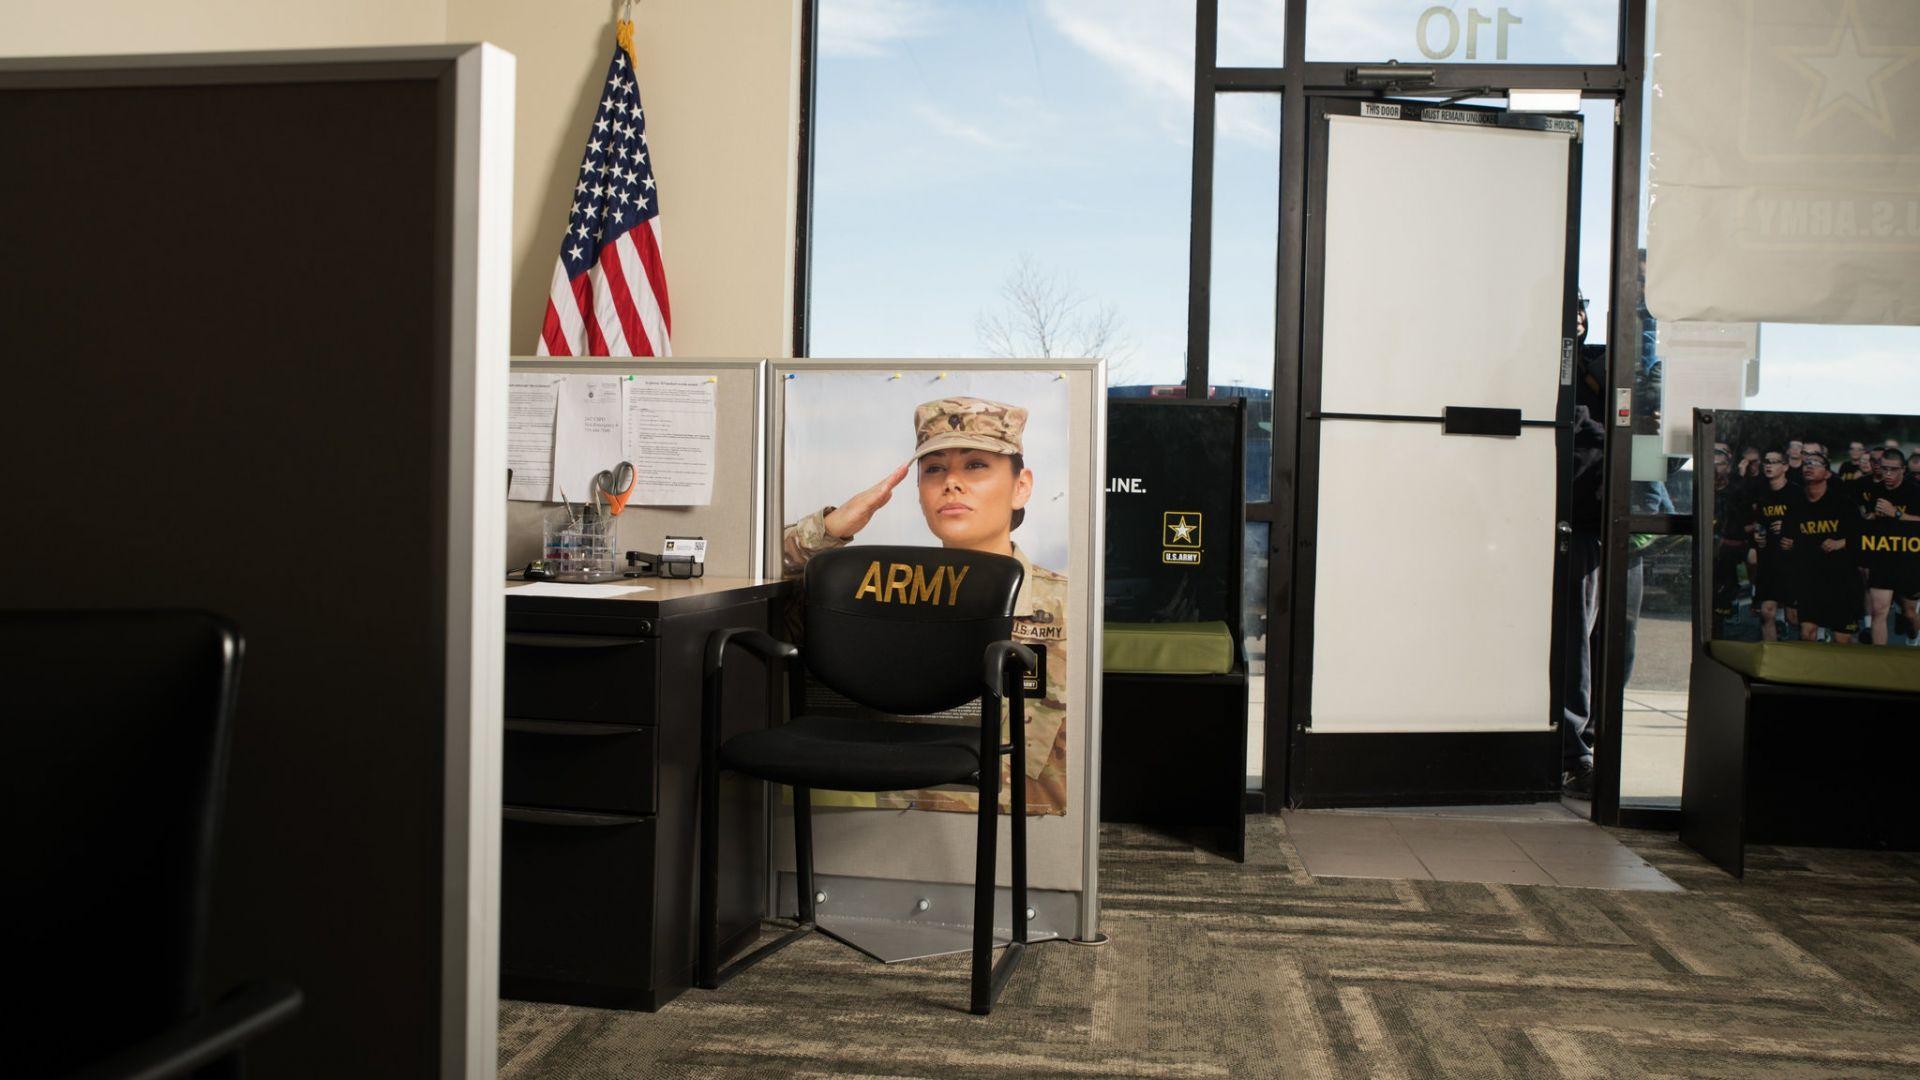 База на Военноморските сили на Съединените щати в Илинойс беше